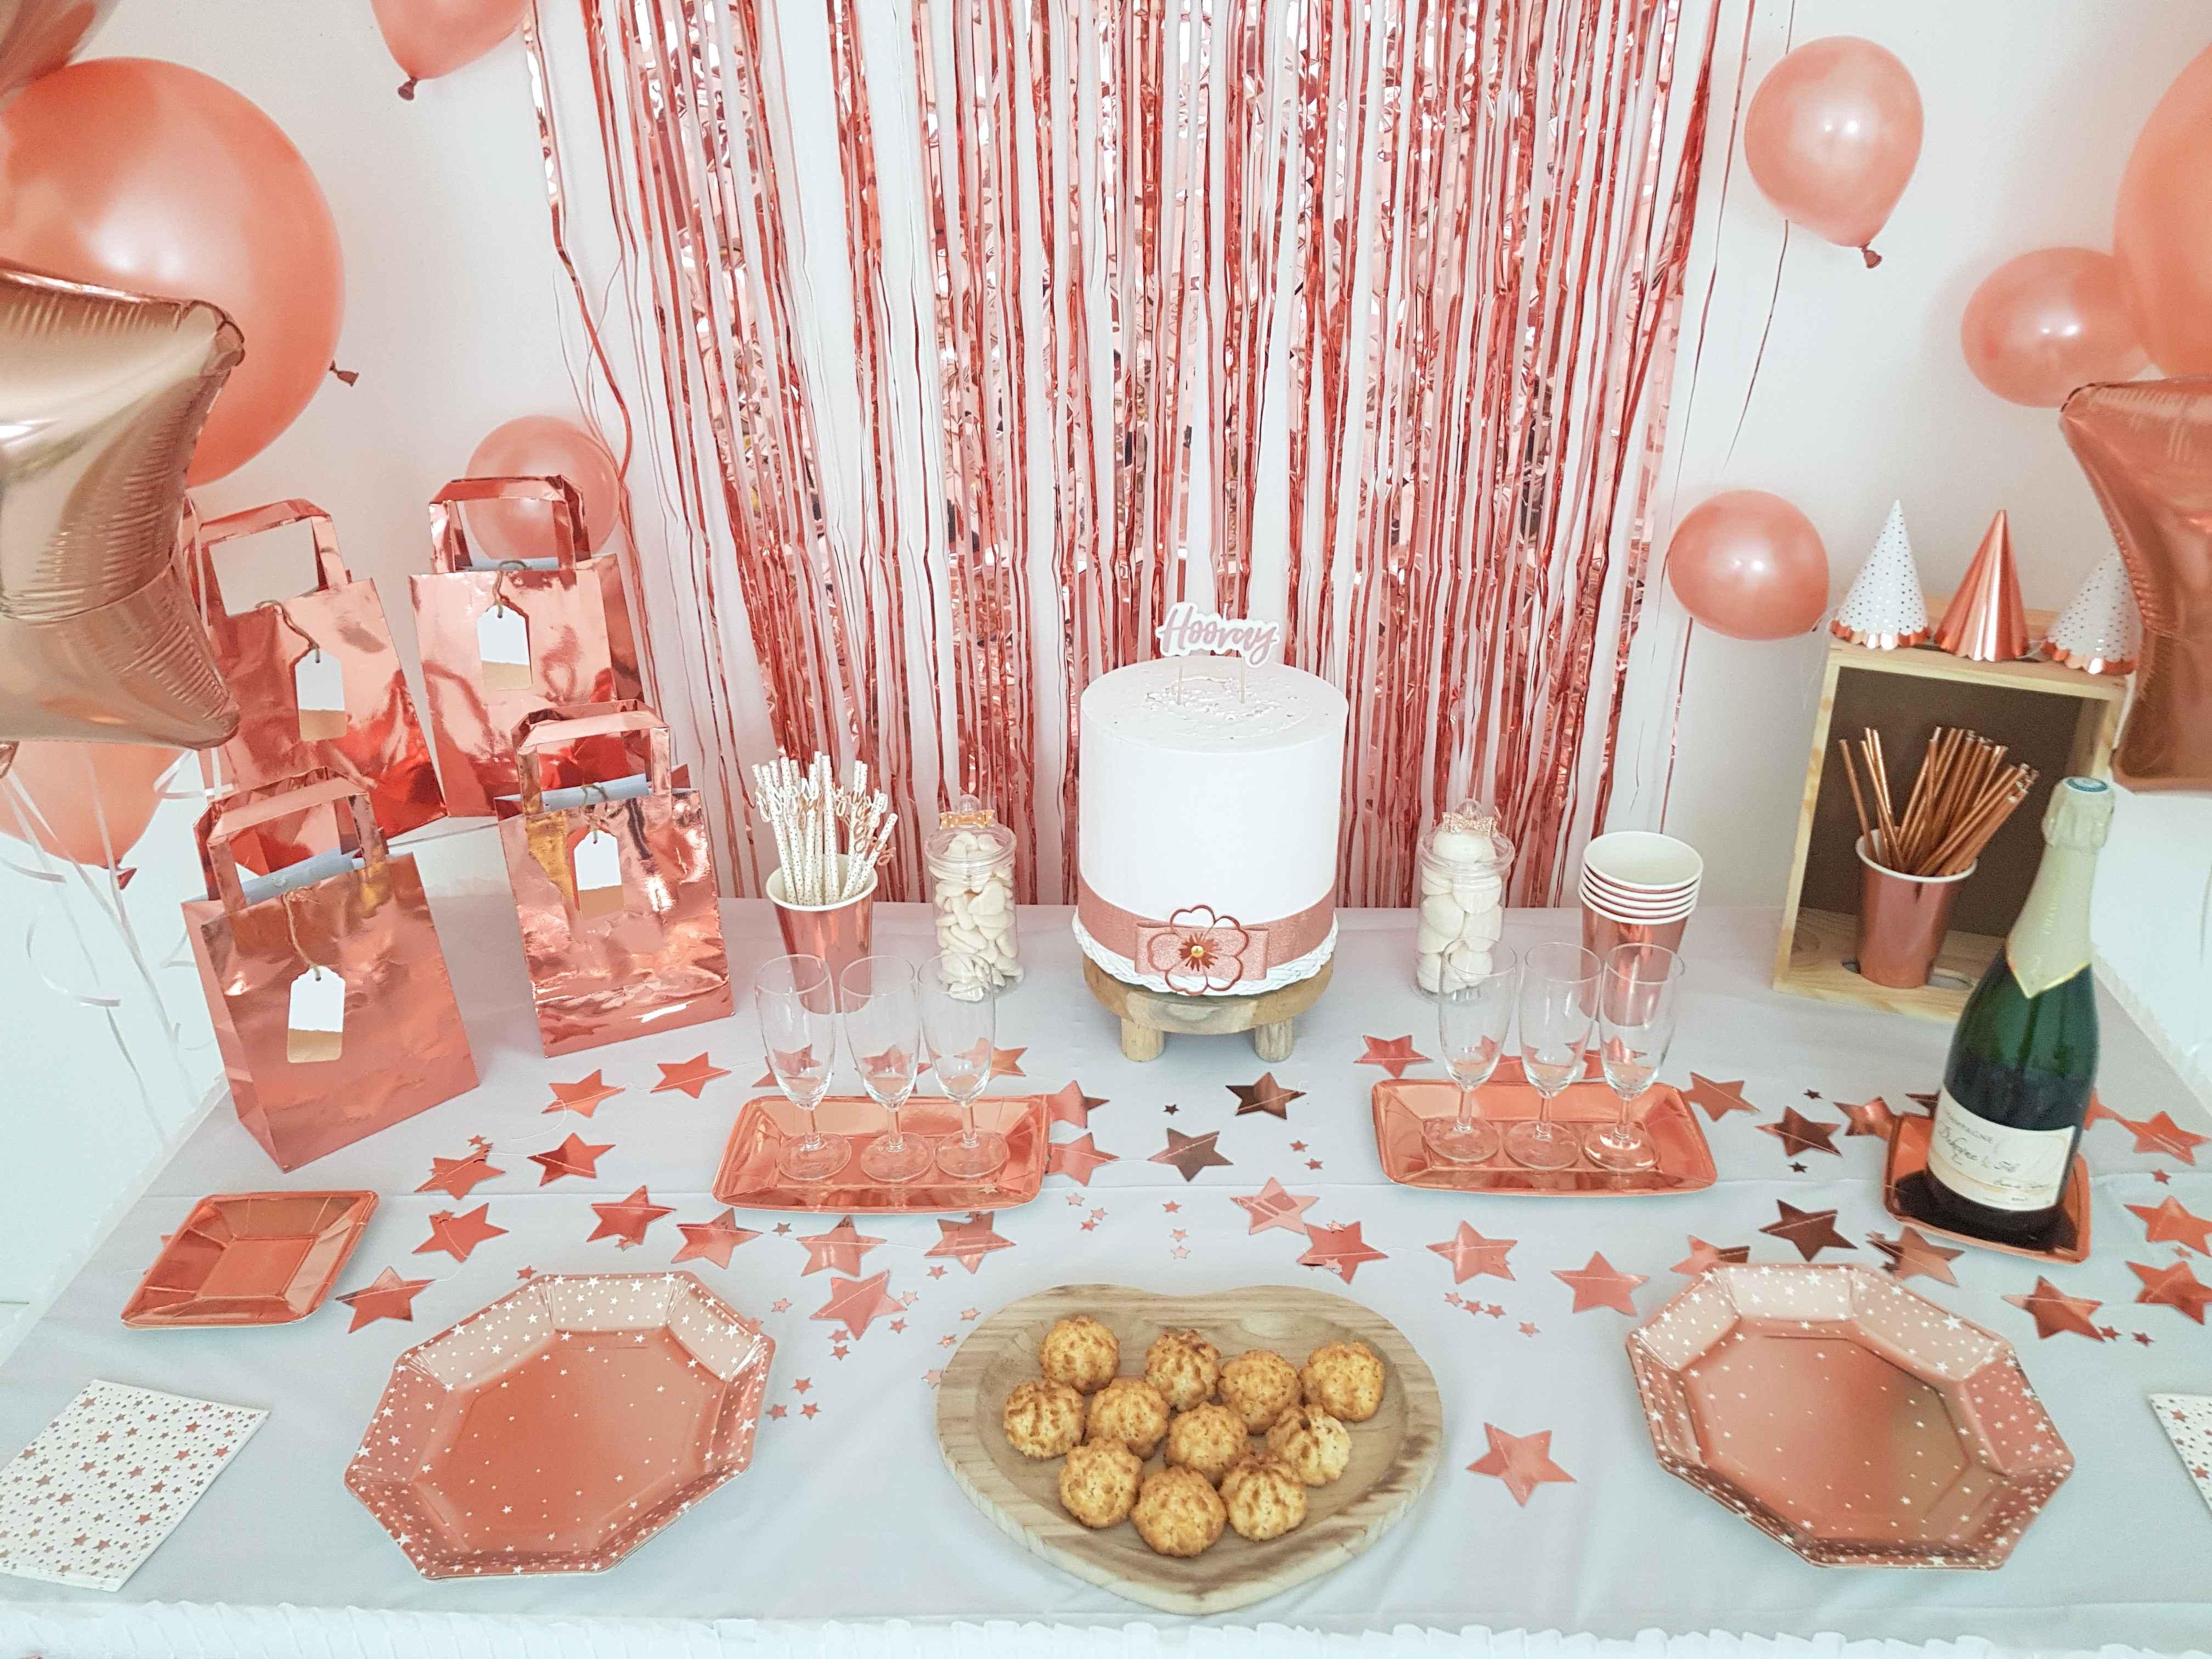 Decoration De Salle Pour Nouvel An décoration sweet table rose gold nouvel an 2019 jour de l'an